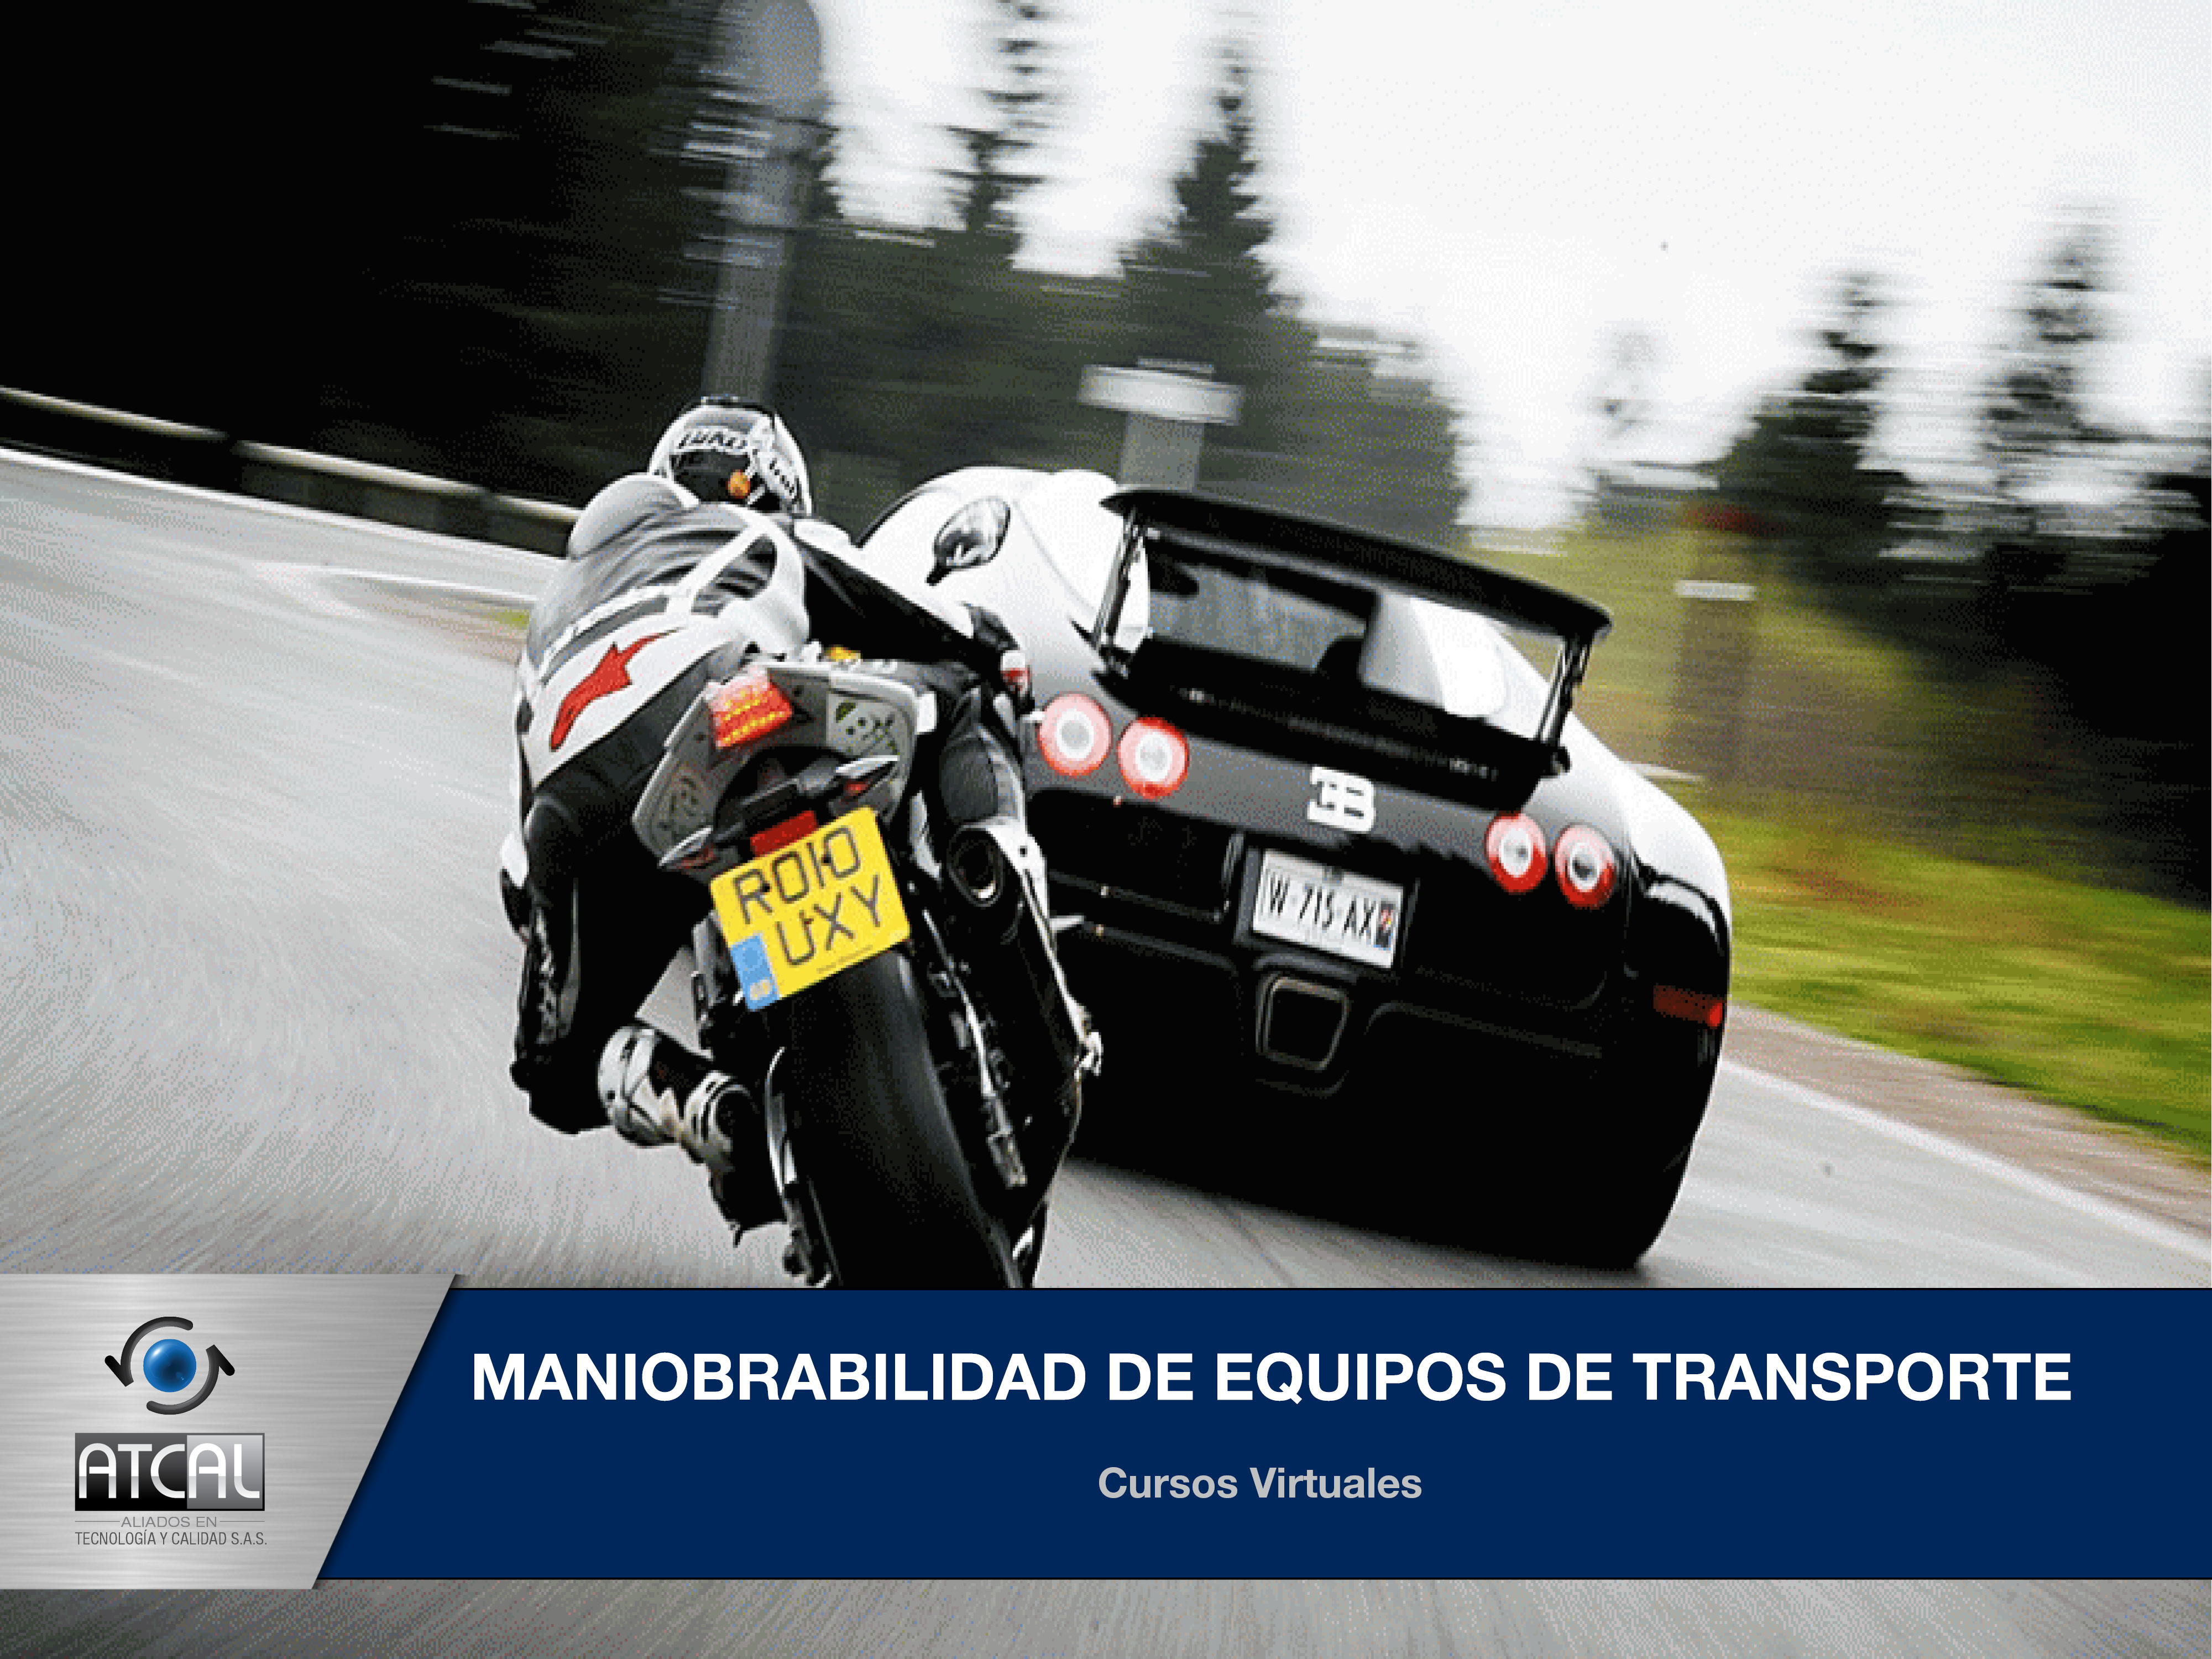 Maniobrabilidad de Equipos de Transporte